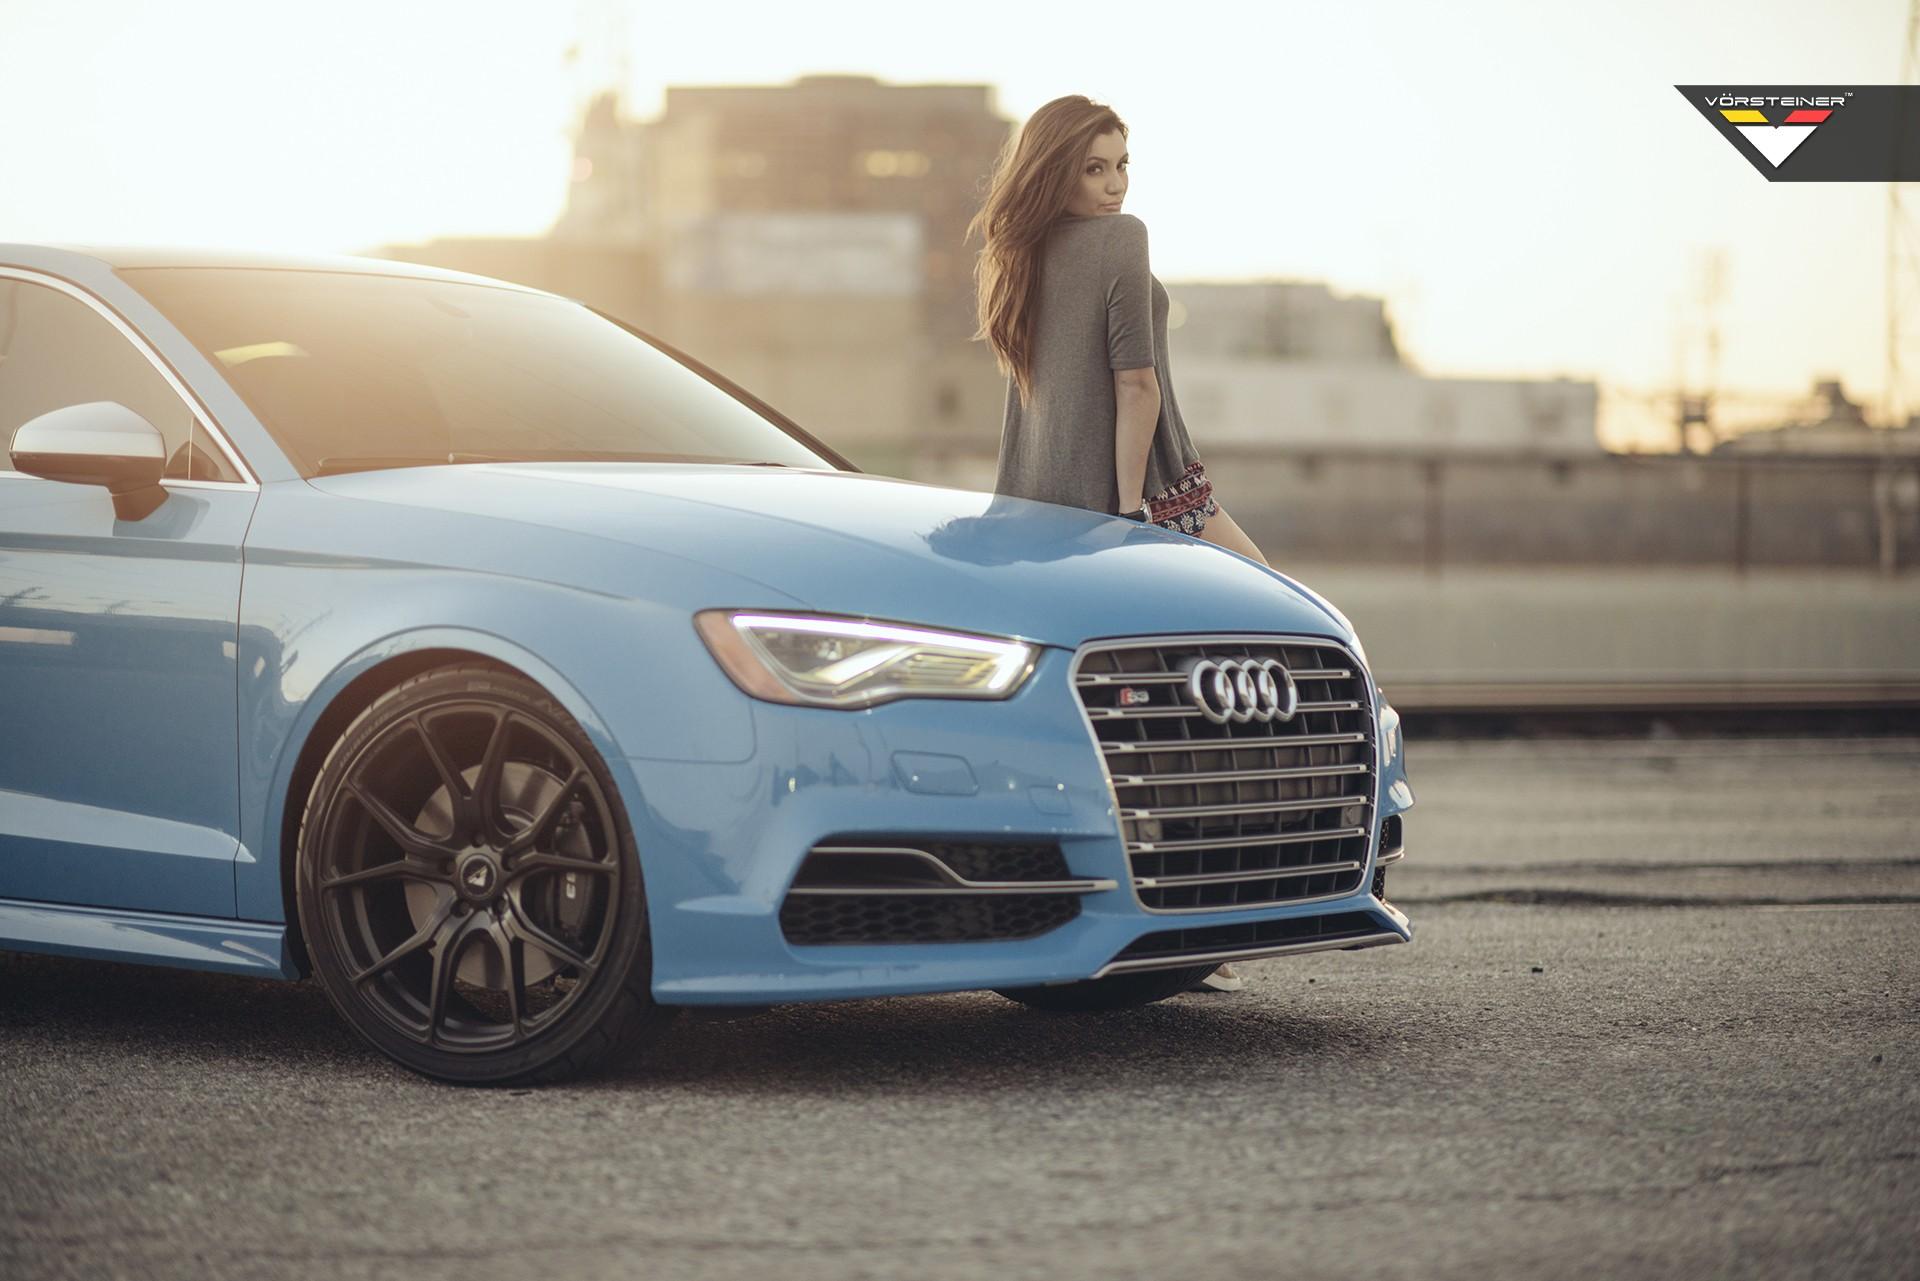 Audi S3 Wallpaper Girl Sky Blue Audi S3 Sedan On Vorsteiner V Ff 103 Wheels In